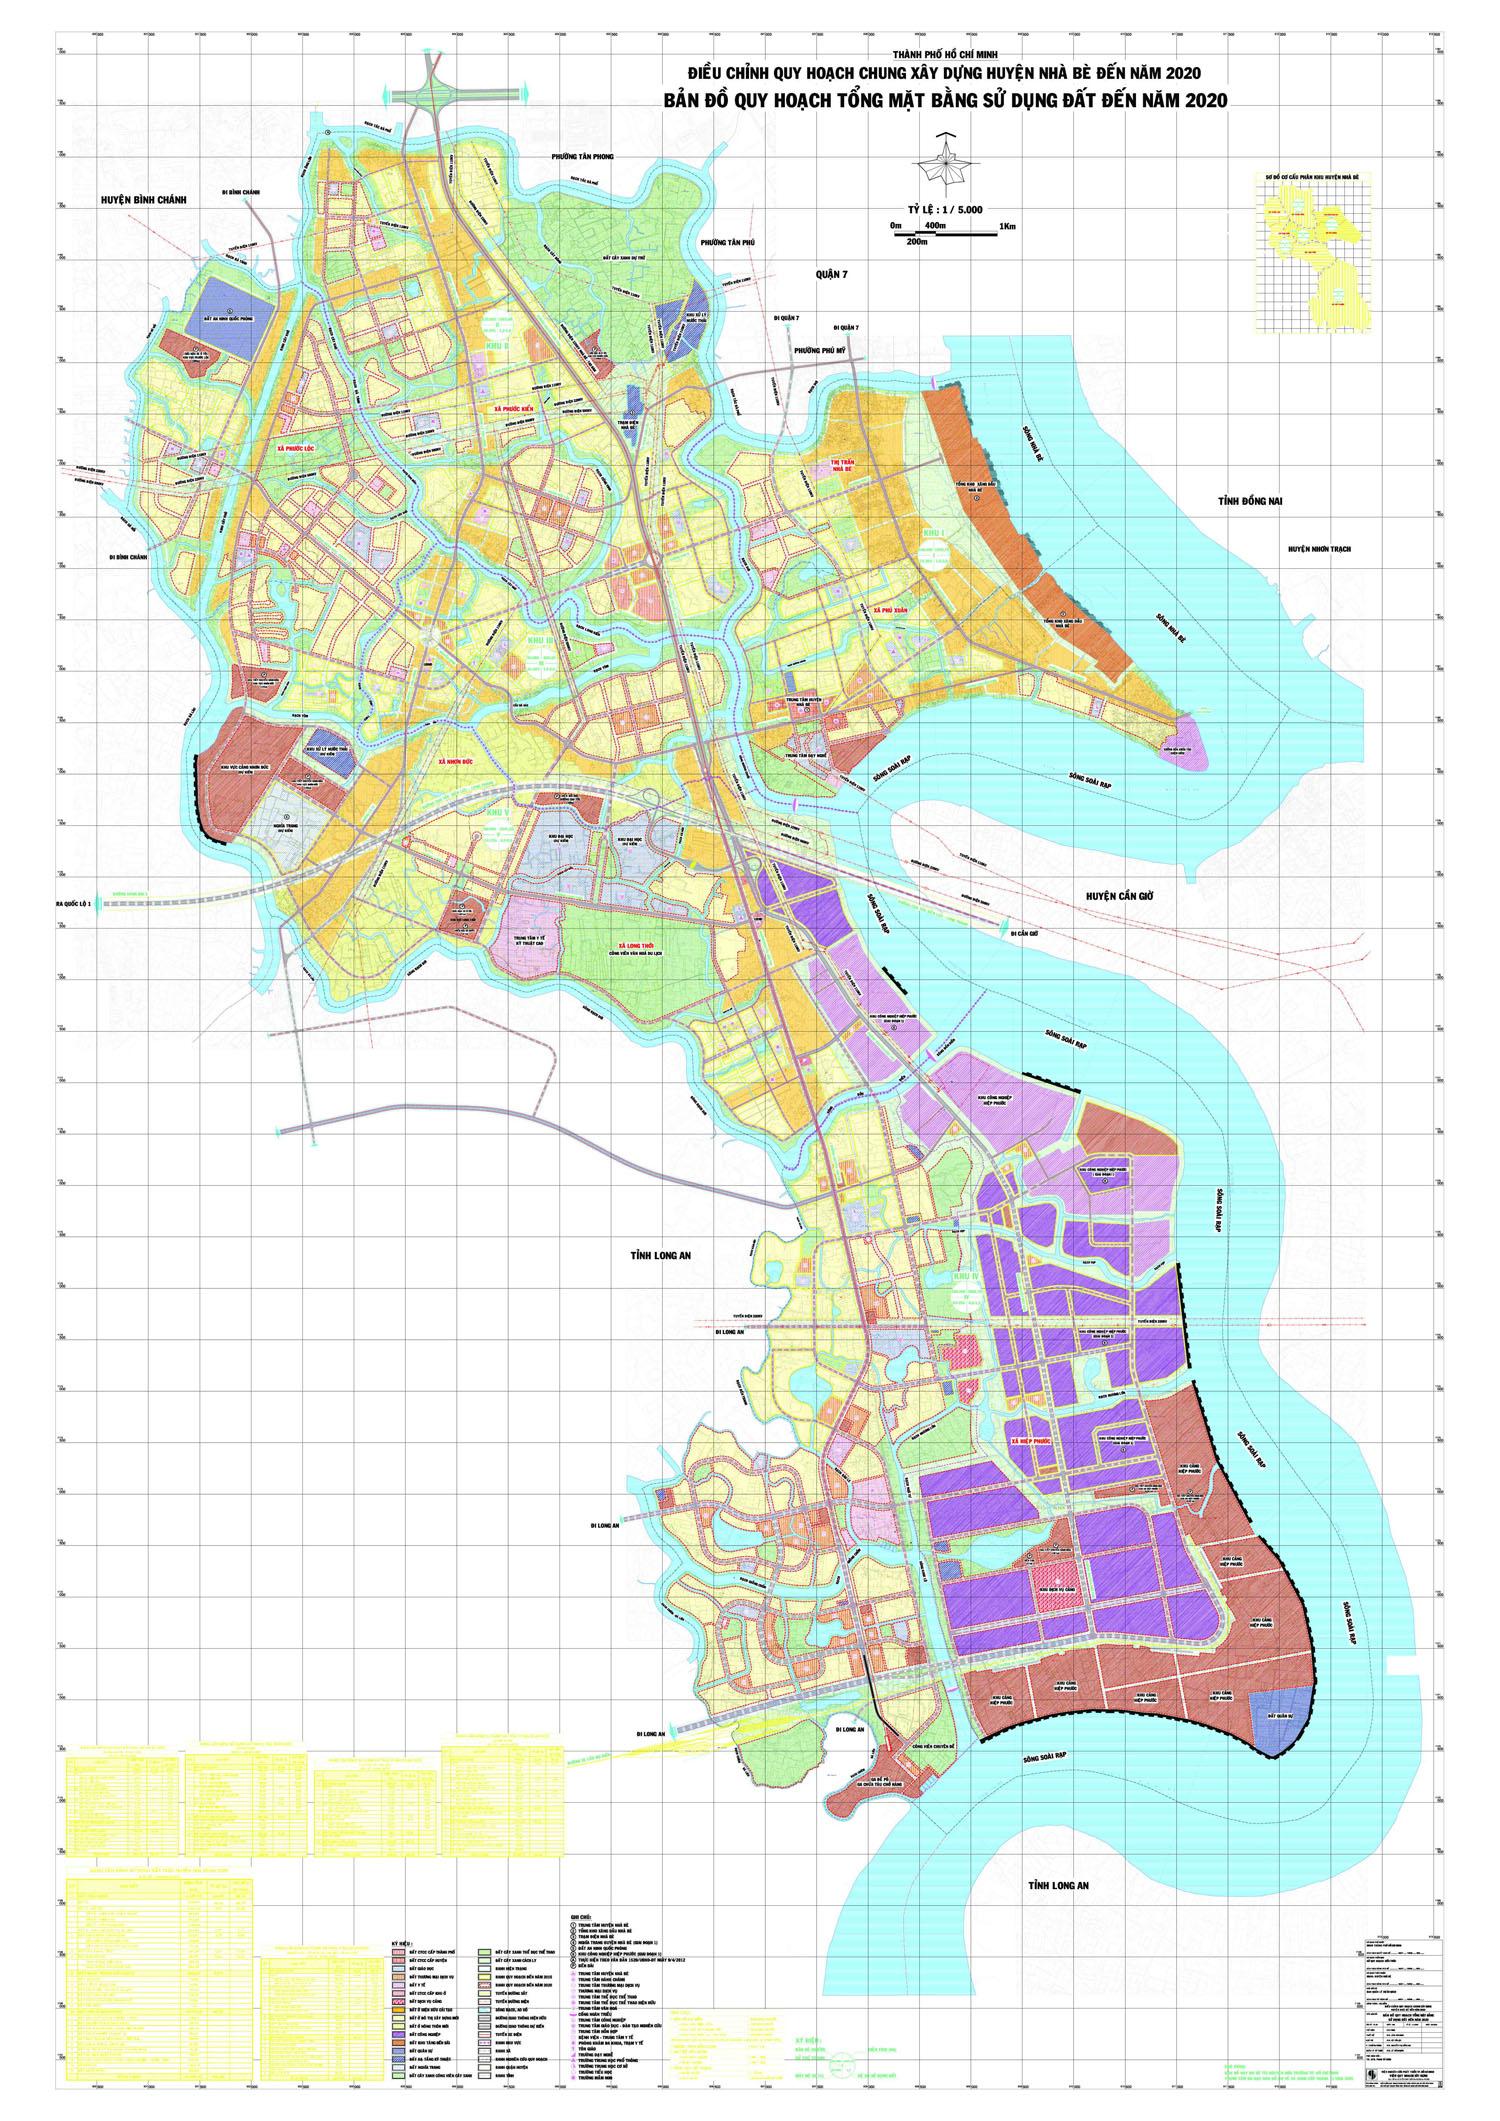 Bản đồ quy hoạch, các Xã và dự án tại Huyện Nhà Bè